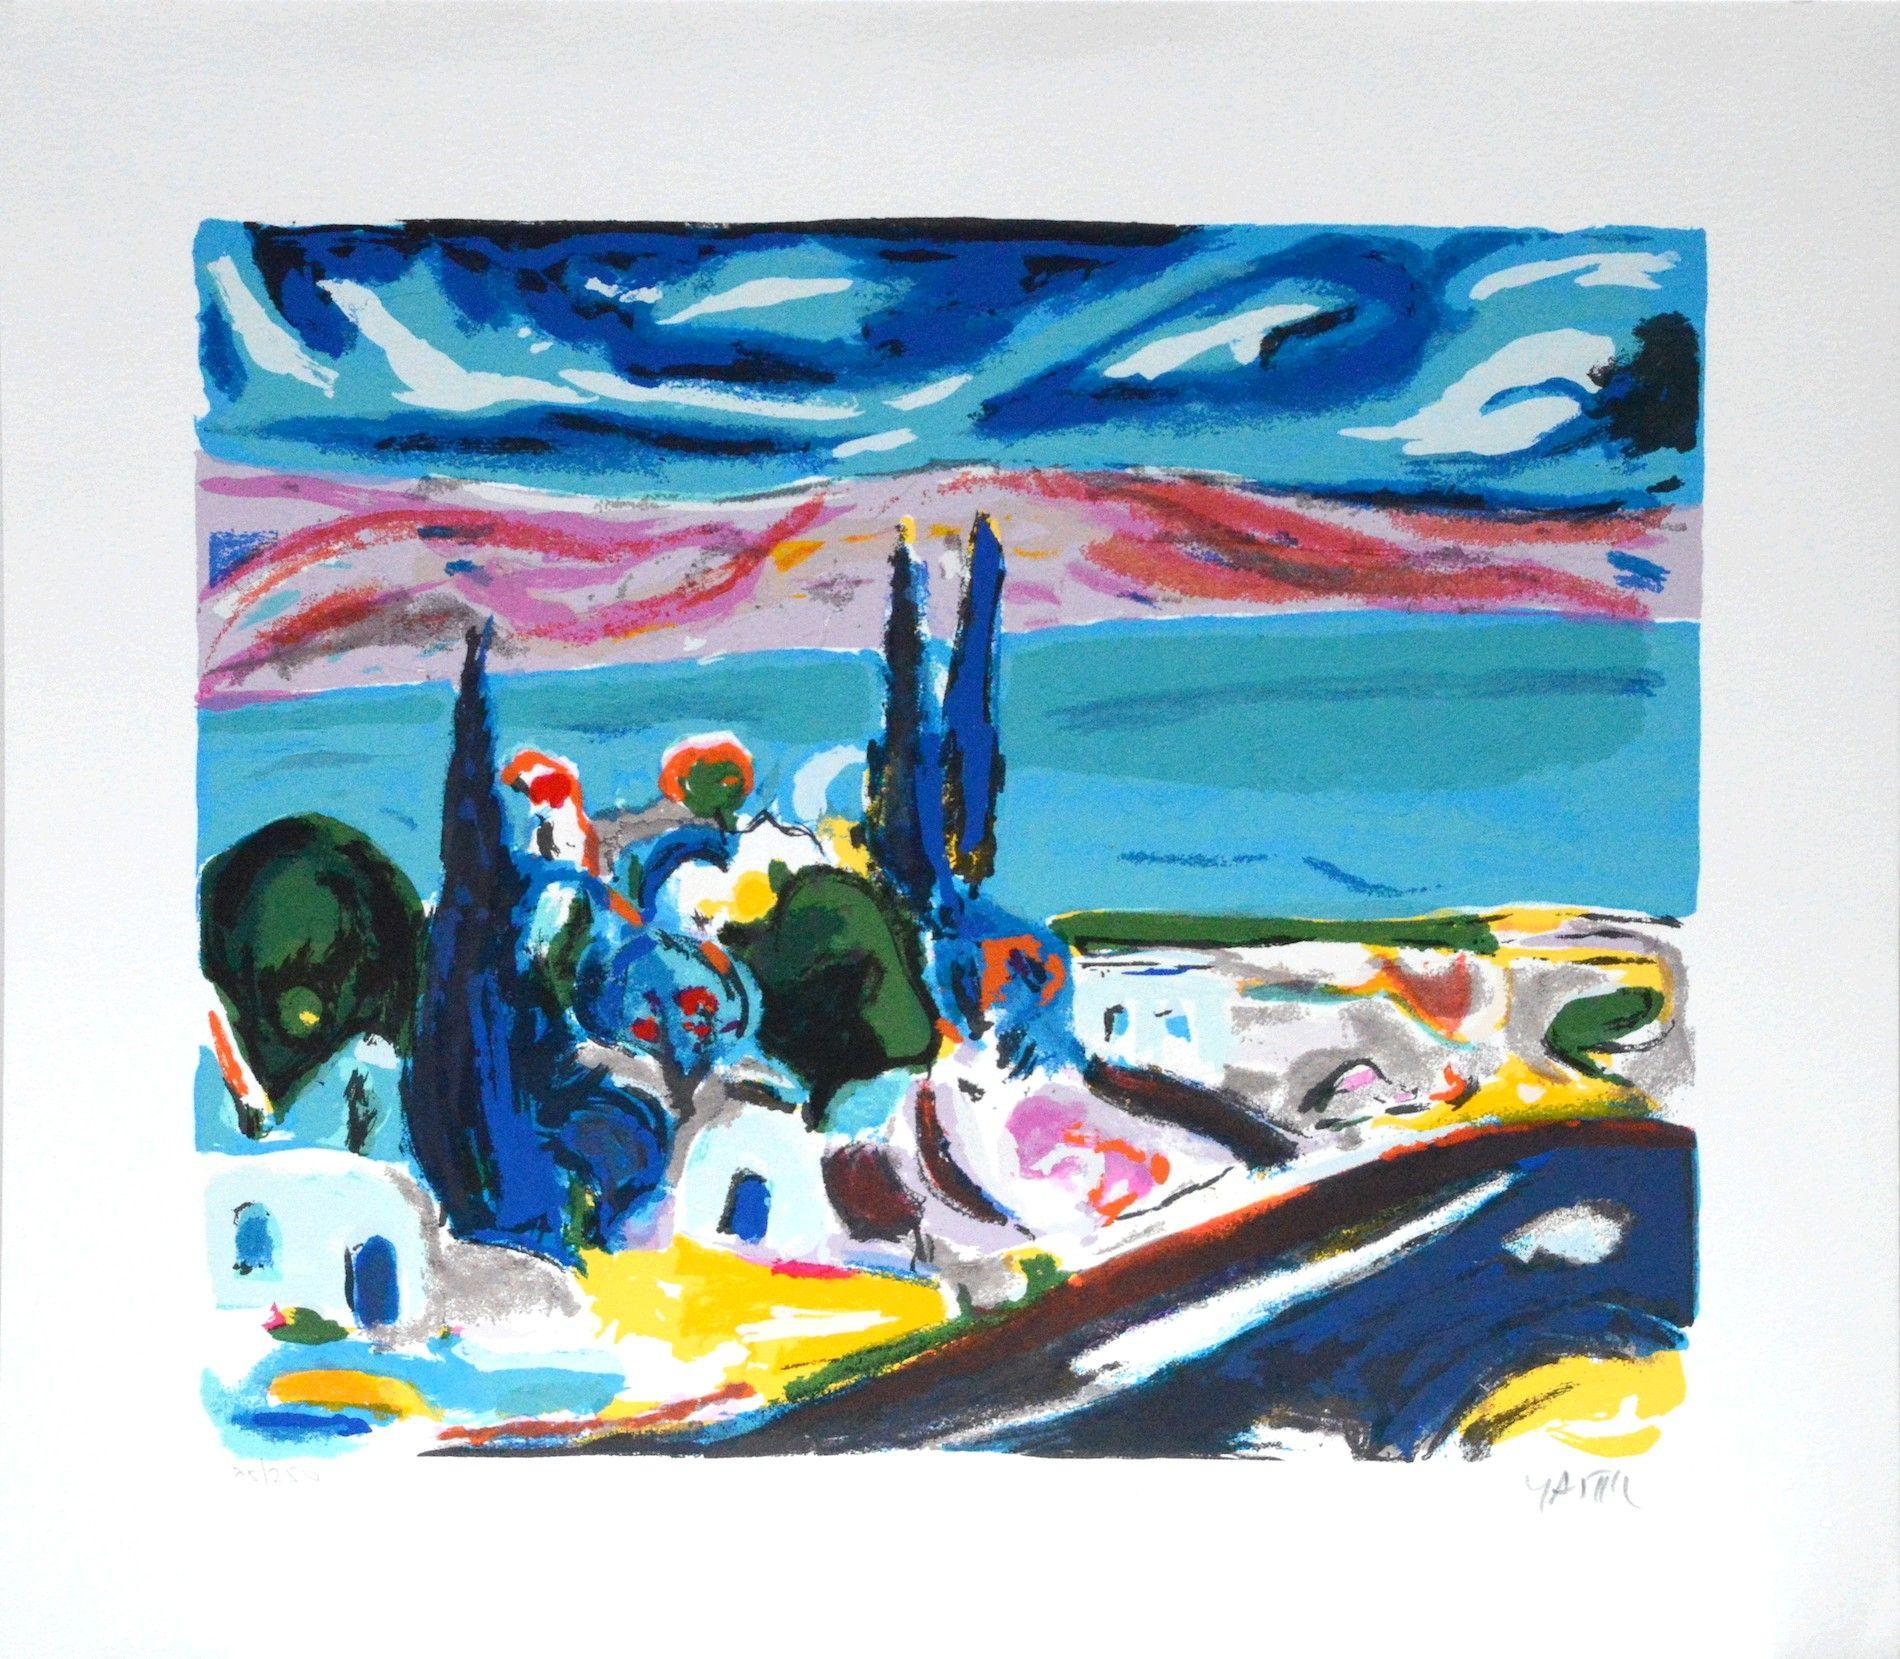 Yaskil, Amos, Kunst, Galerie Voigt, Nürnberg